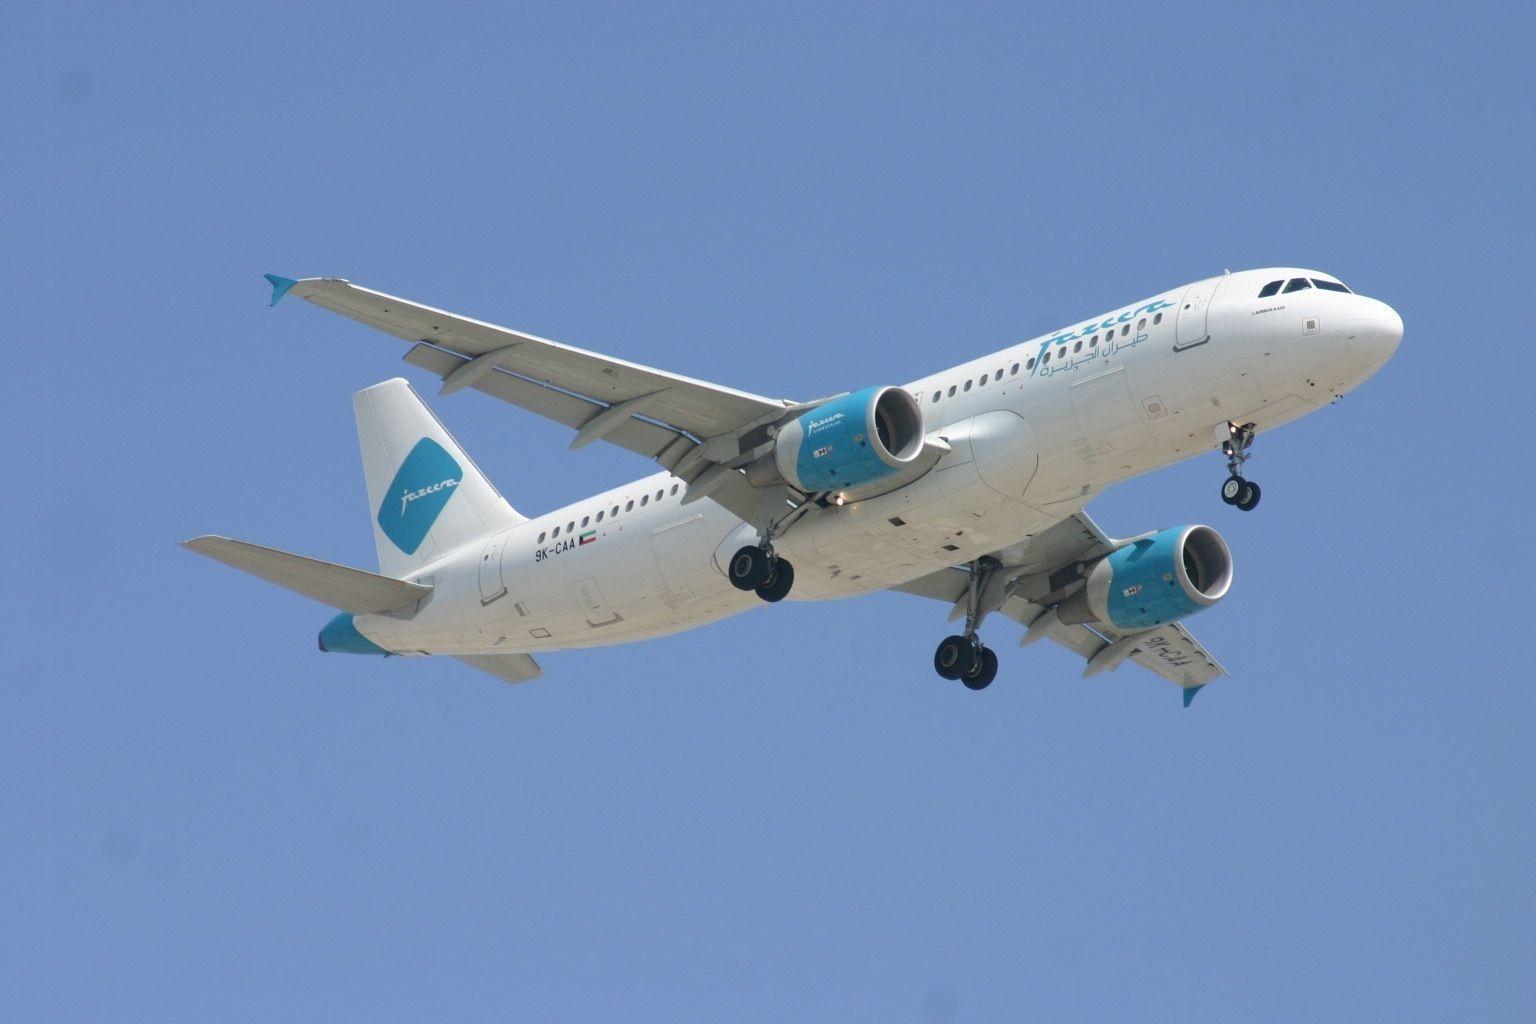 طيران الجزيرة أفضل عروض حجز طيران الجزيرة علي الانترنت رحلات حجز طيران Best Flight Deals Flight Offers Best Flights